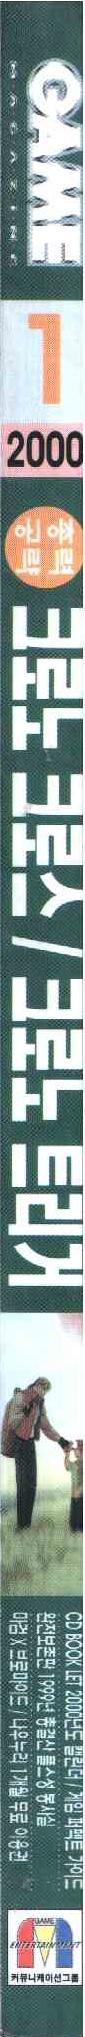 게임매거진 2000년 1월